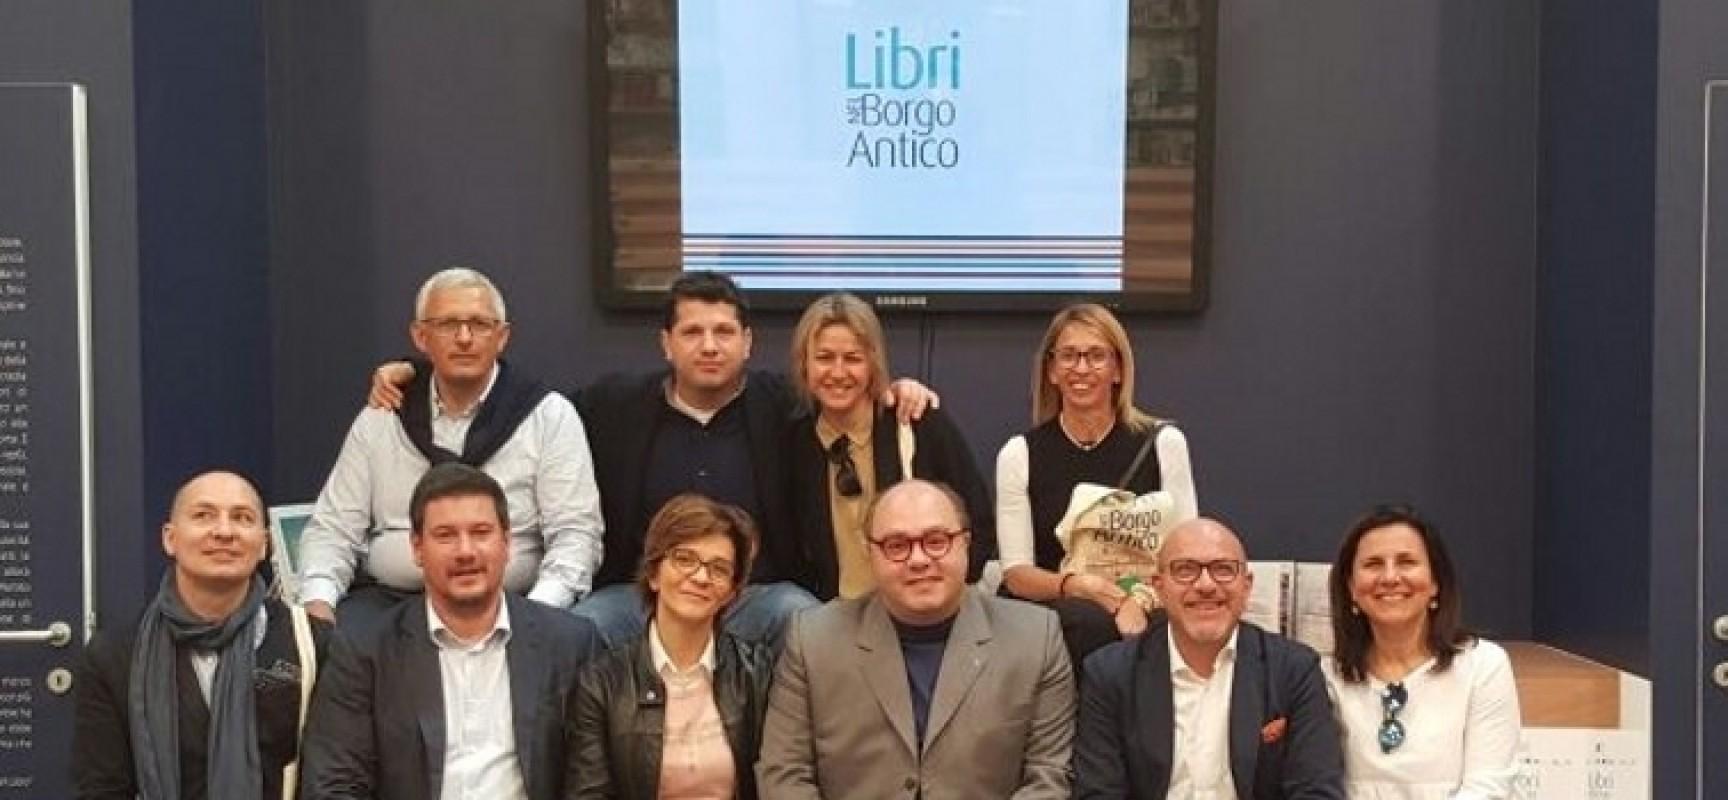 Libri nel Borgo Antico, presentata la settima edizione al Salone del Libro di Torino